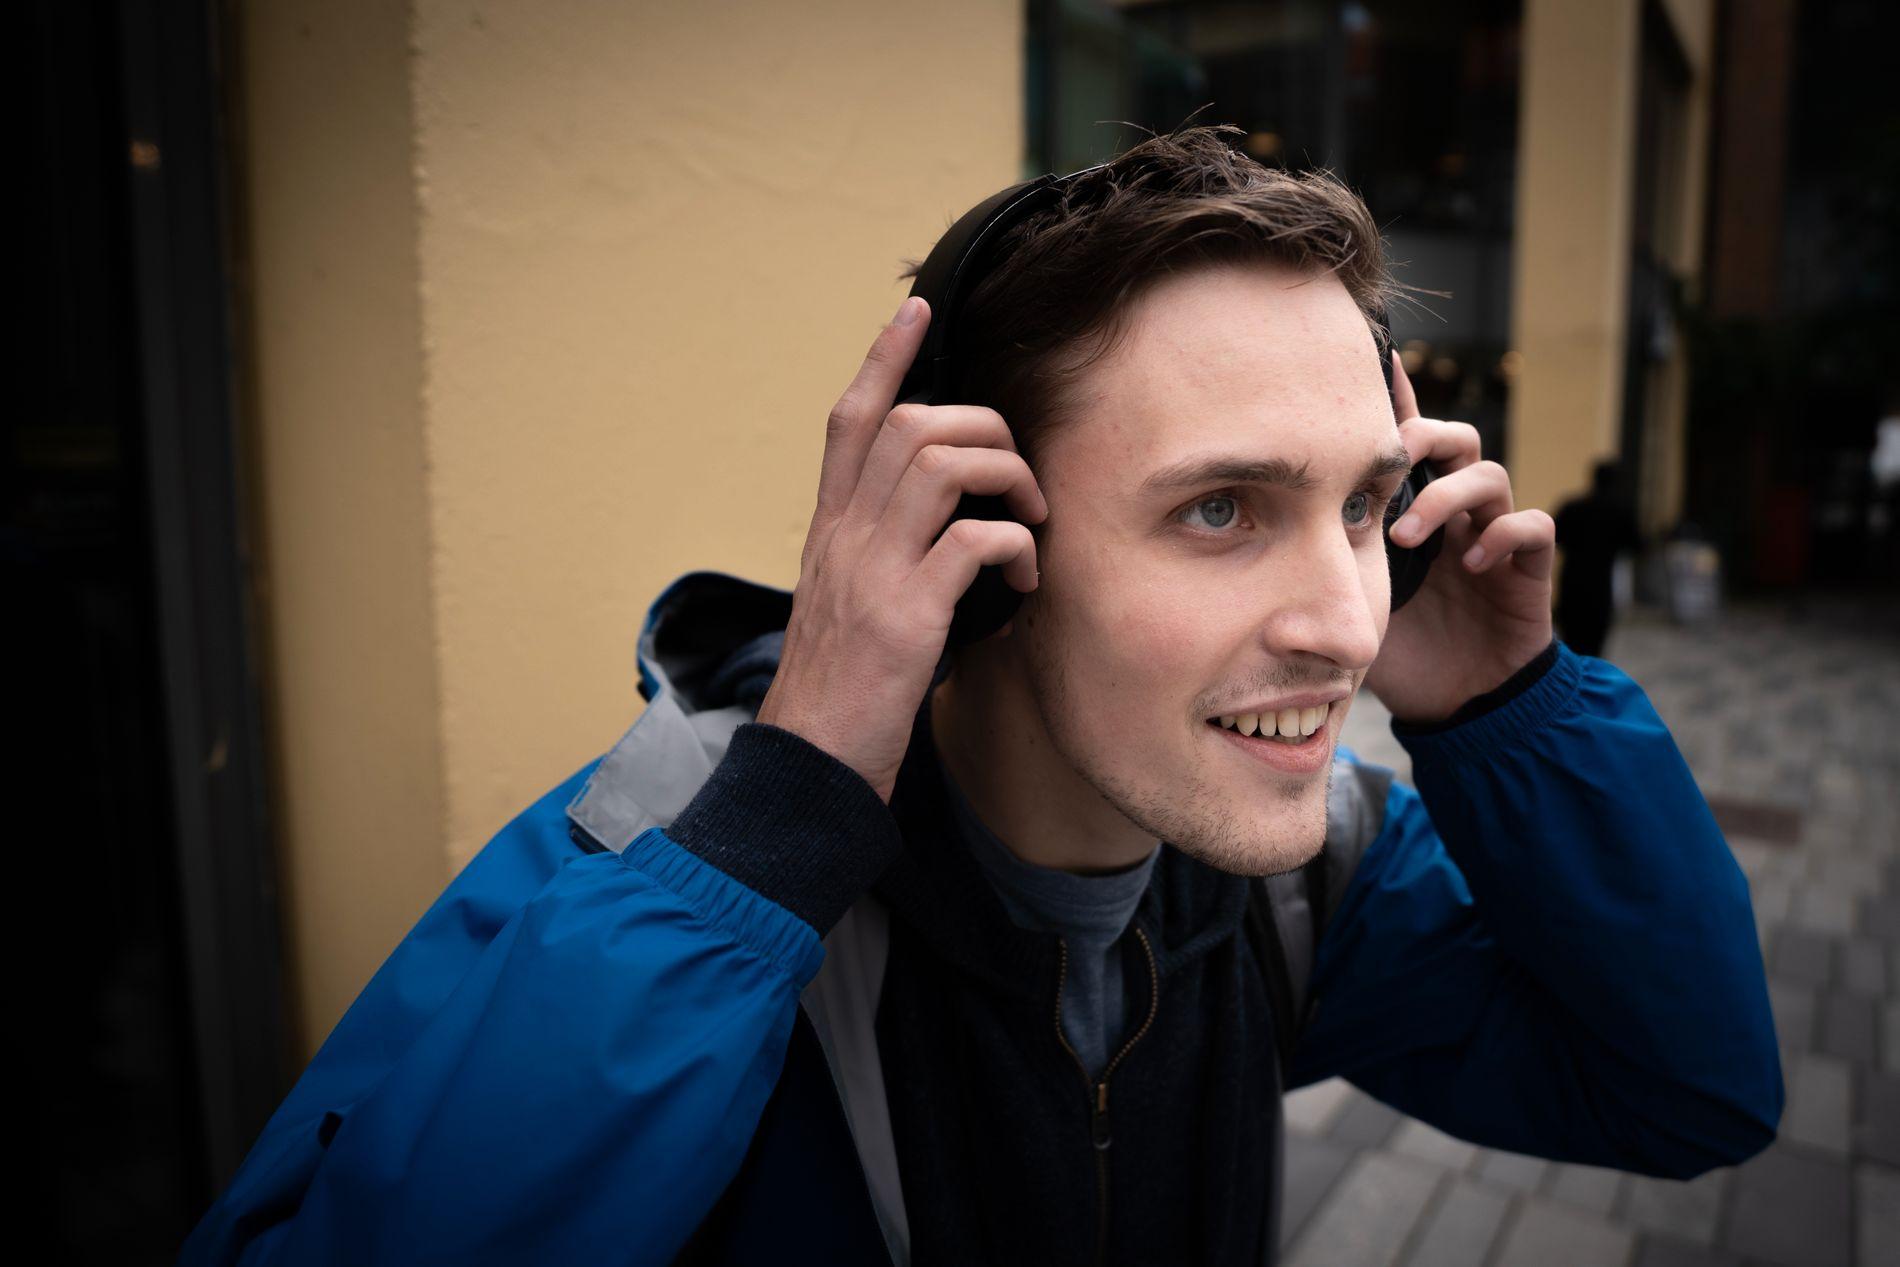 MARTIN HENRIKSEN (23) – Akkurat nå lytter jeg på metal. Det blir veldig mange timer med musikk på øret. Alltid når jeg er alene eller går rundt i byen er musikken på.